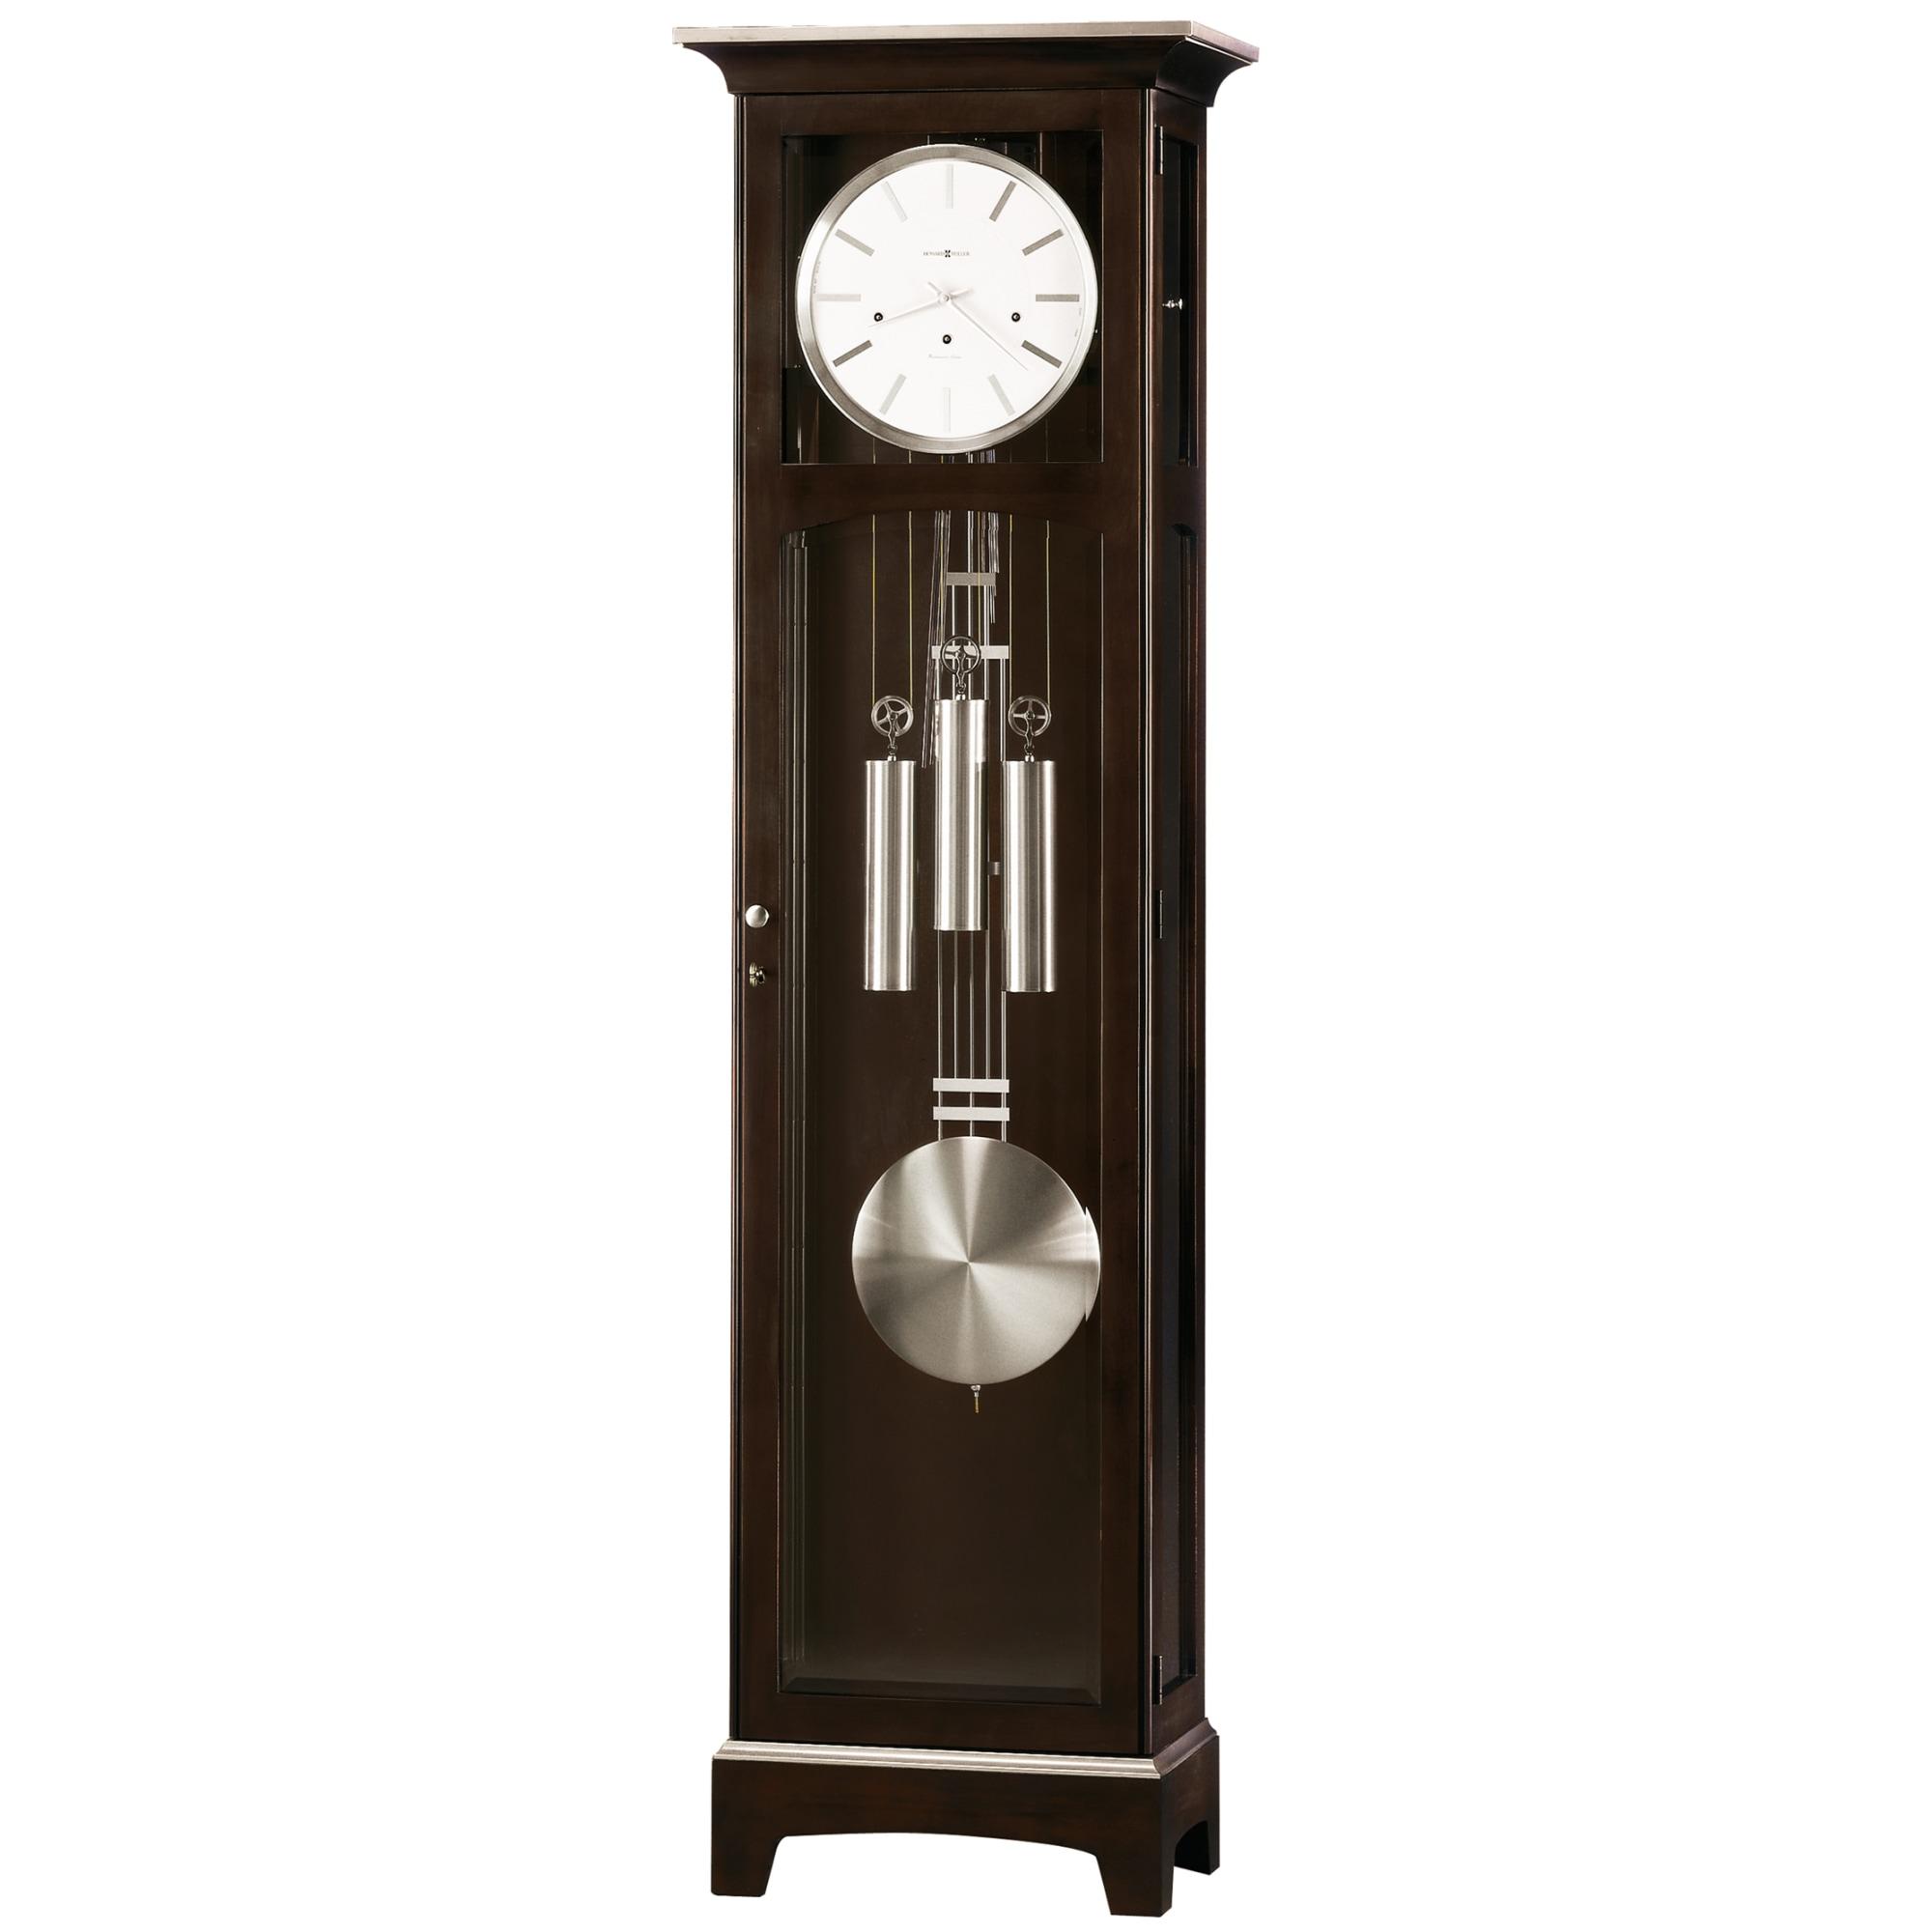 Image for Howard Miller Urban Floor II Wooden Floor Clock 610866 from Howard Miller Official Website